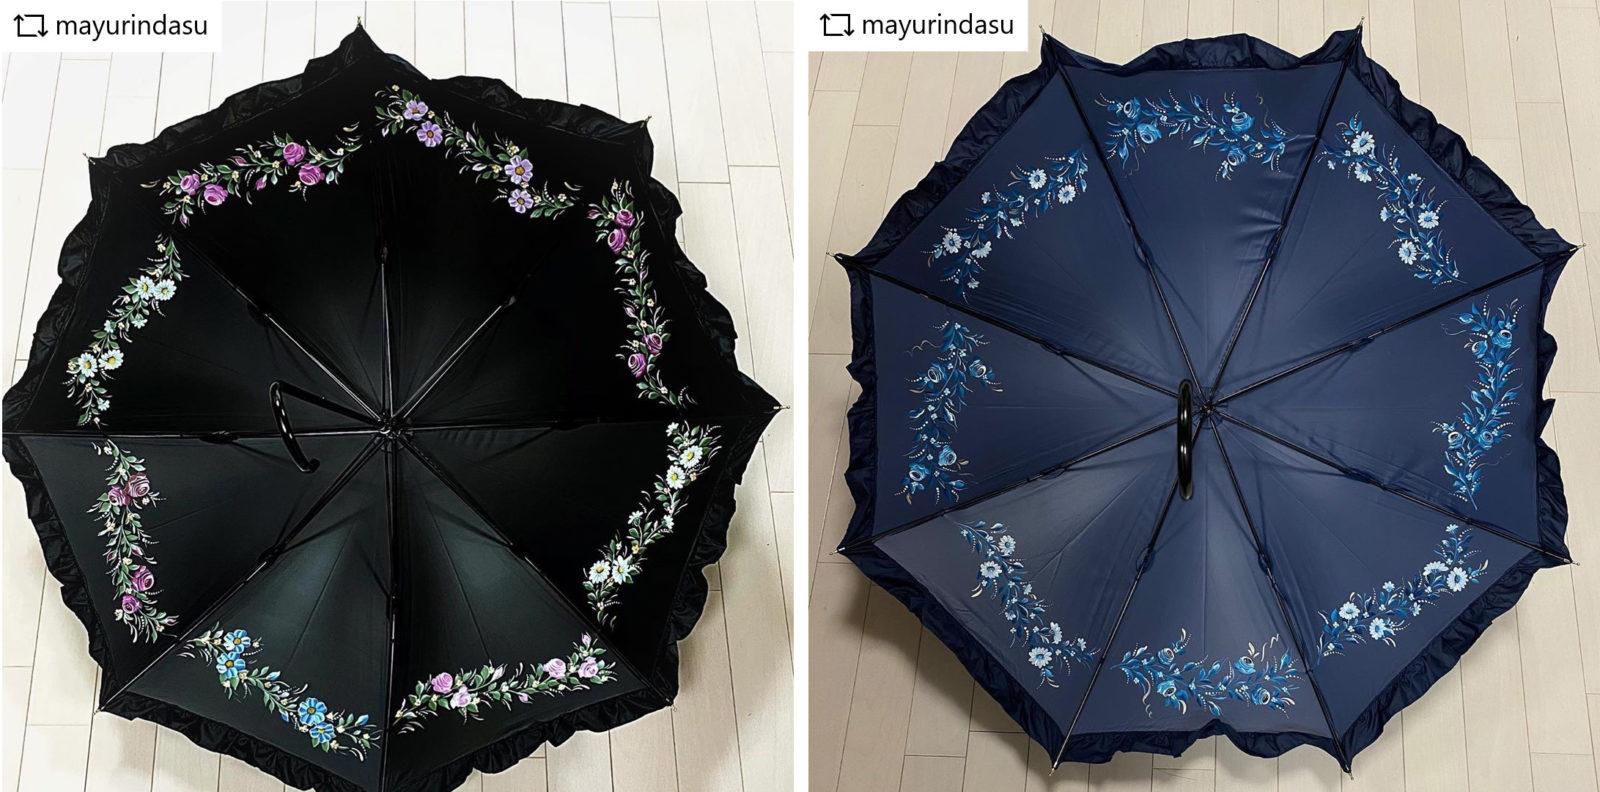 雨の日も気分があがる、オリジナルペイントの手作り傘